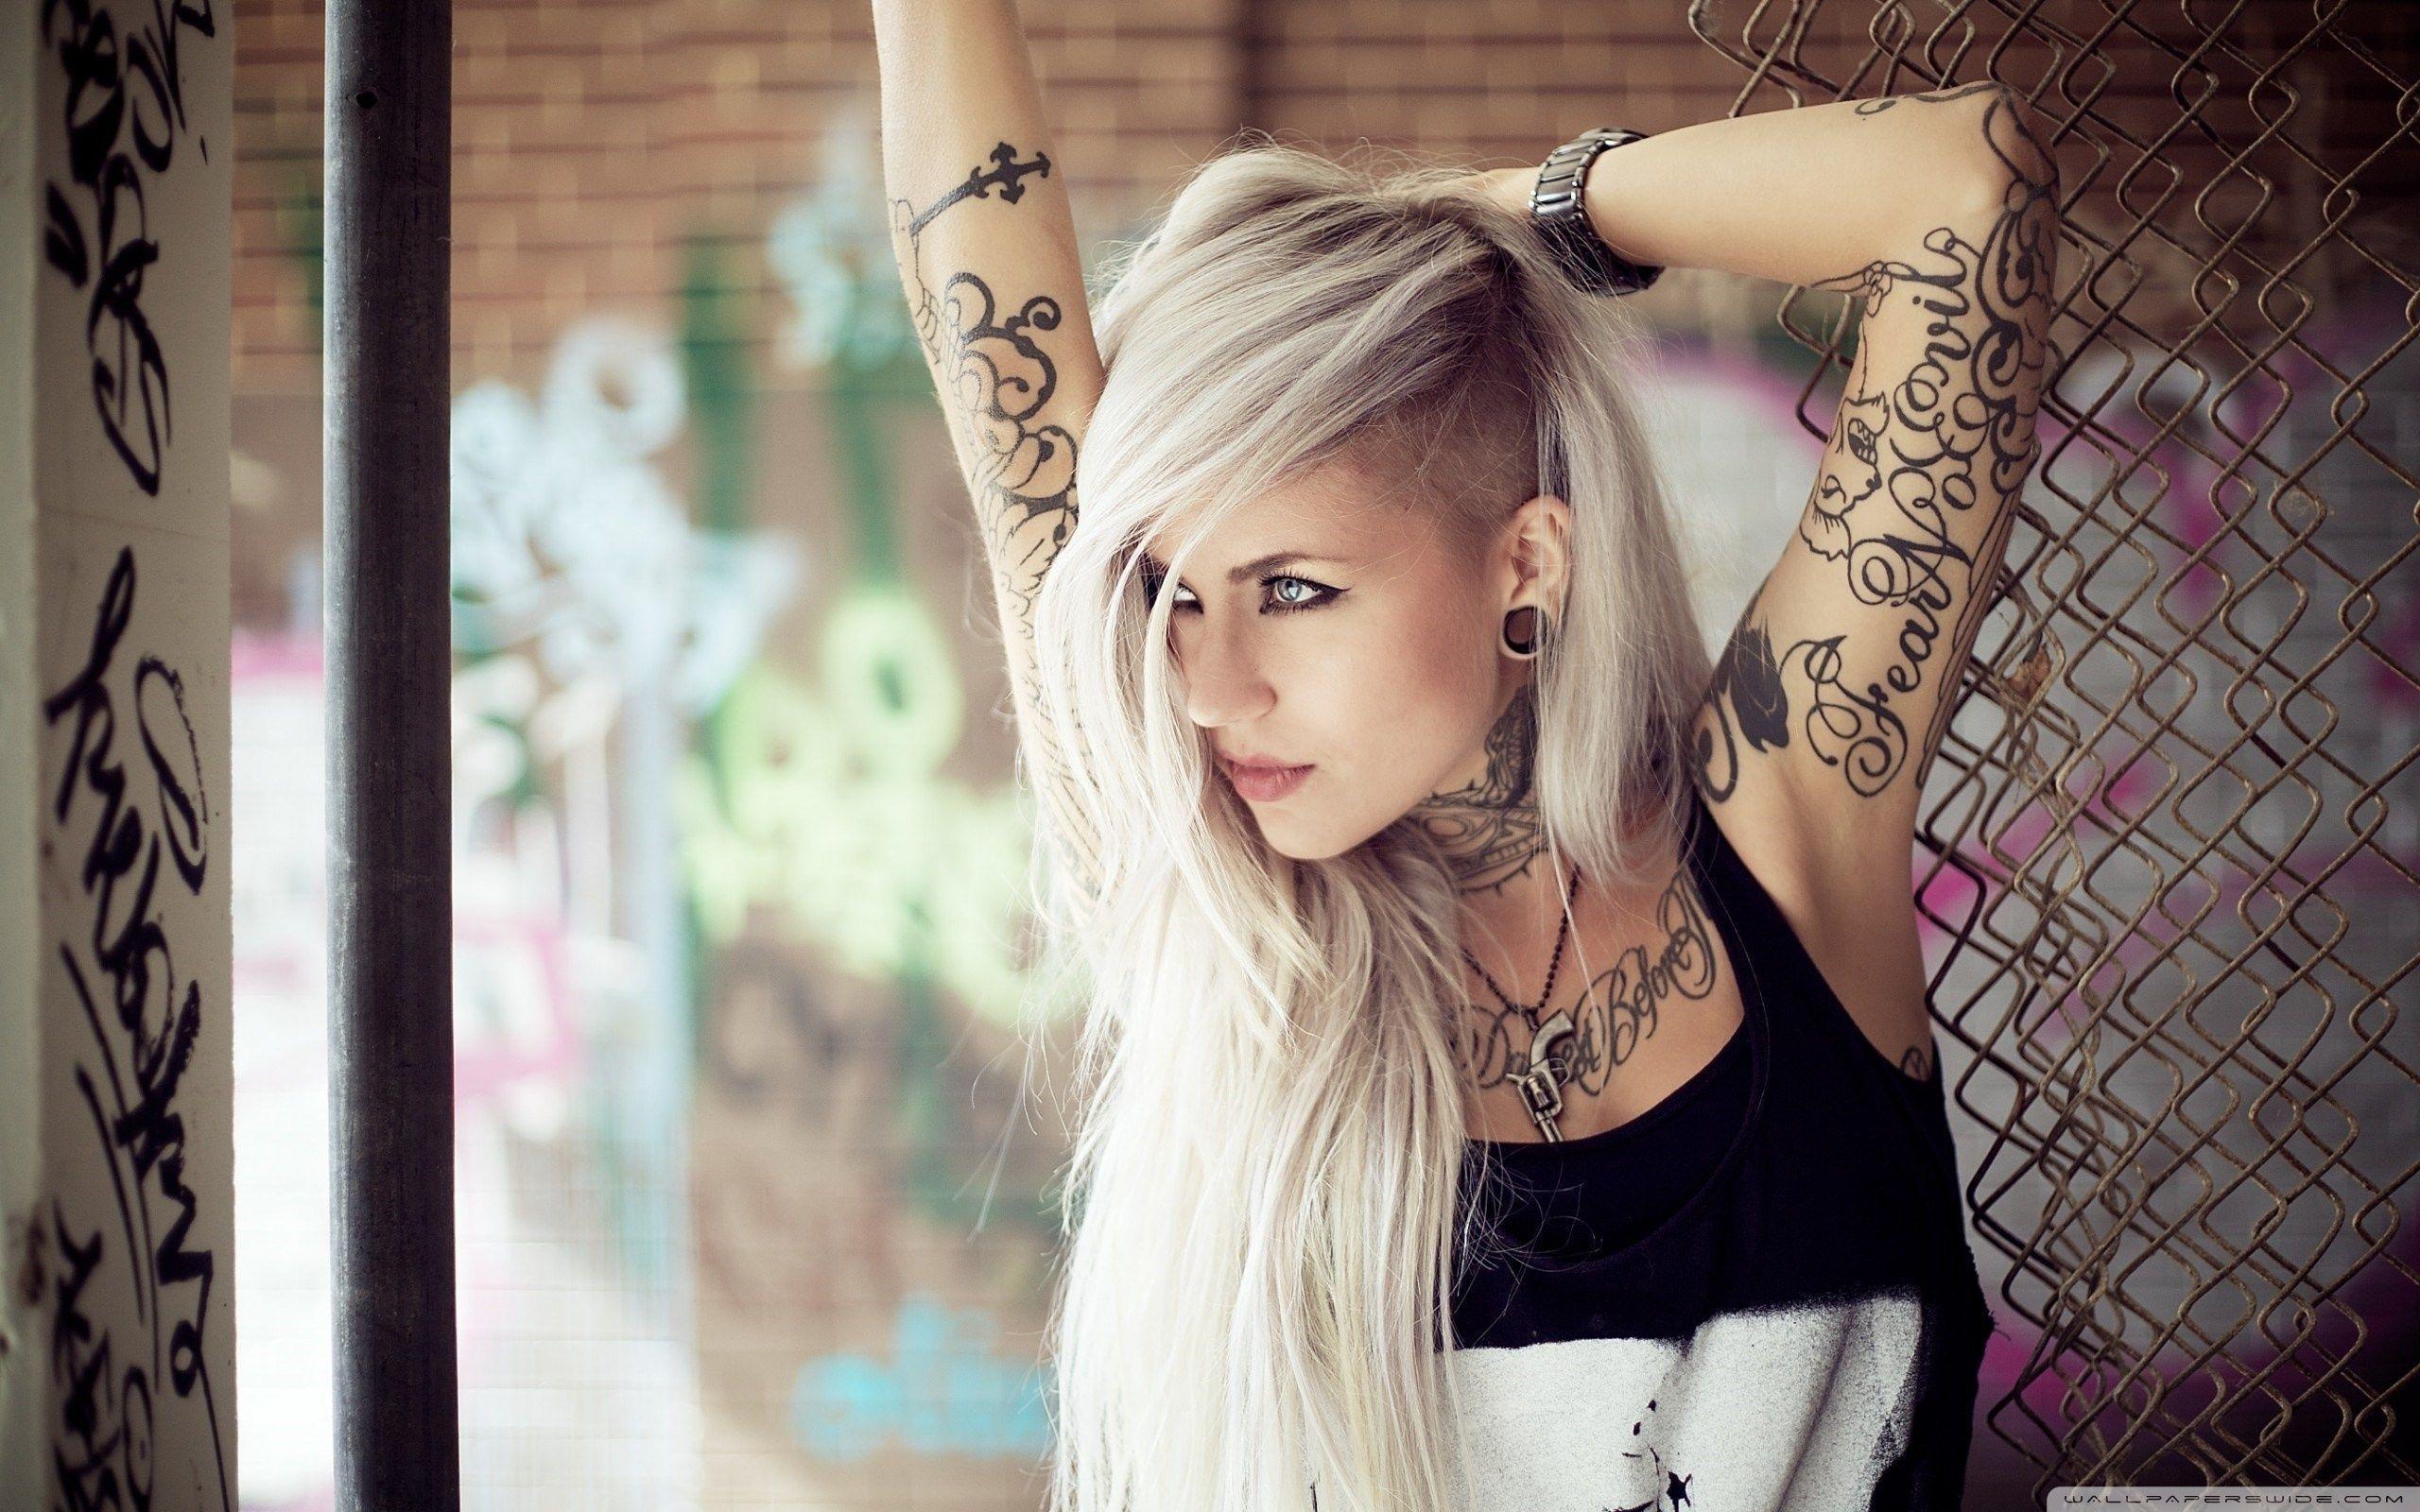 Hot tattoo girl 35 Naughty